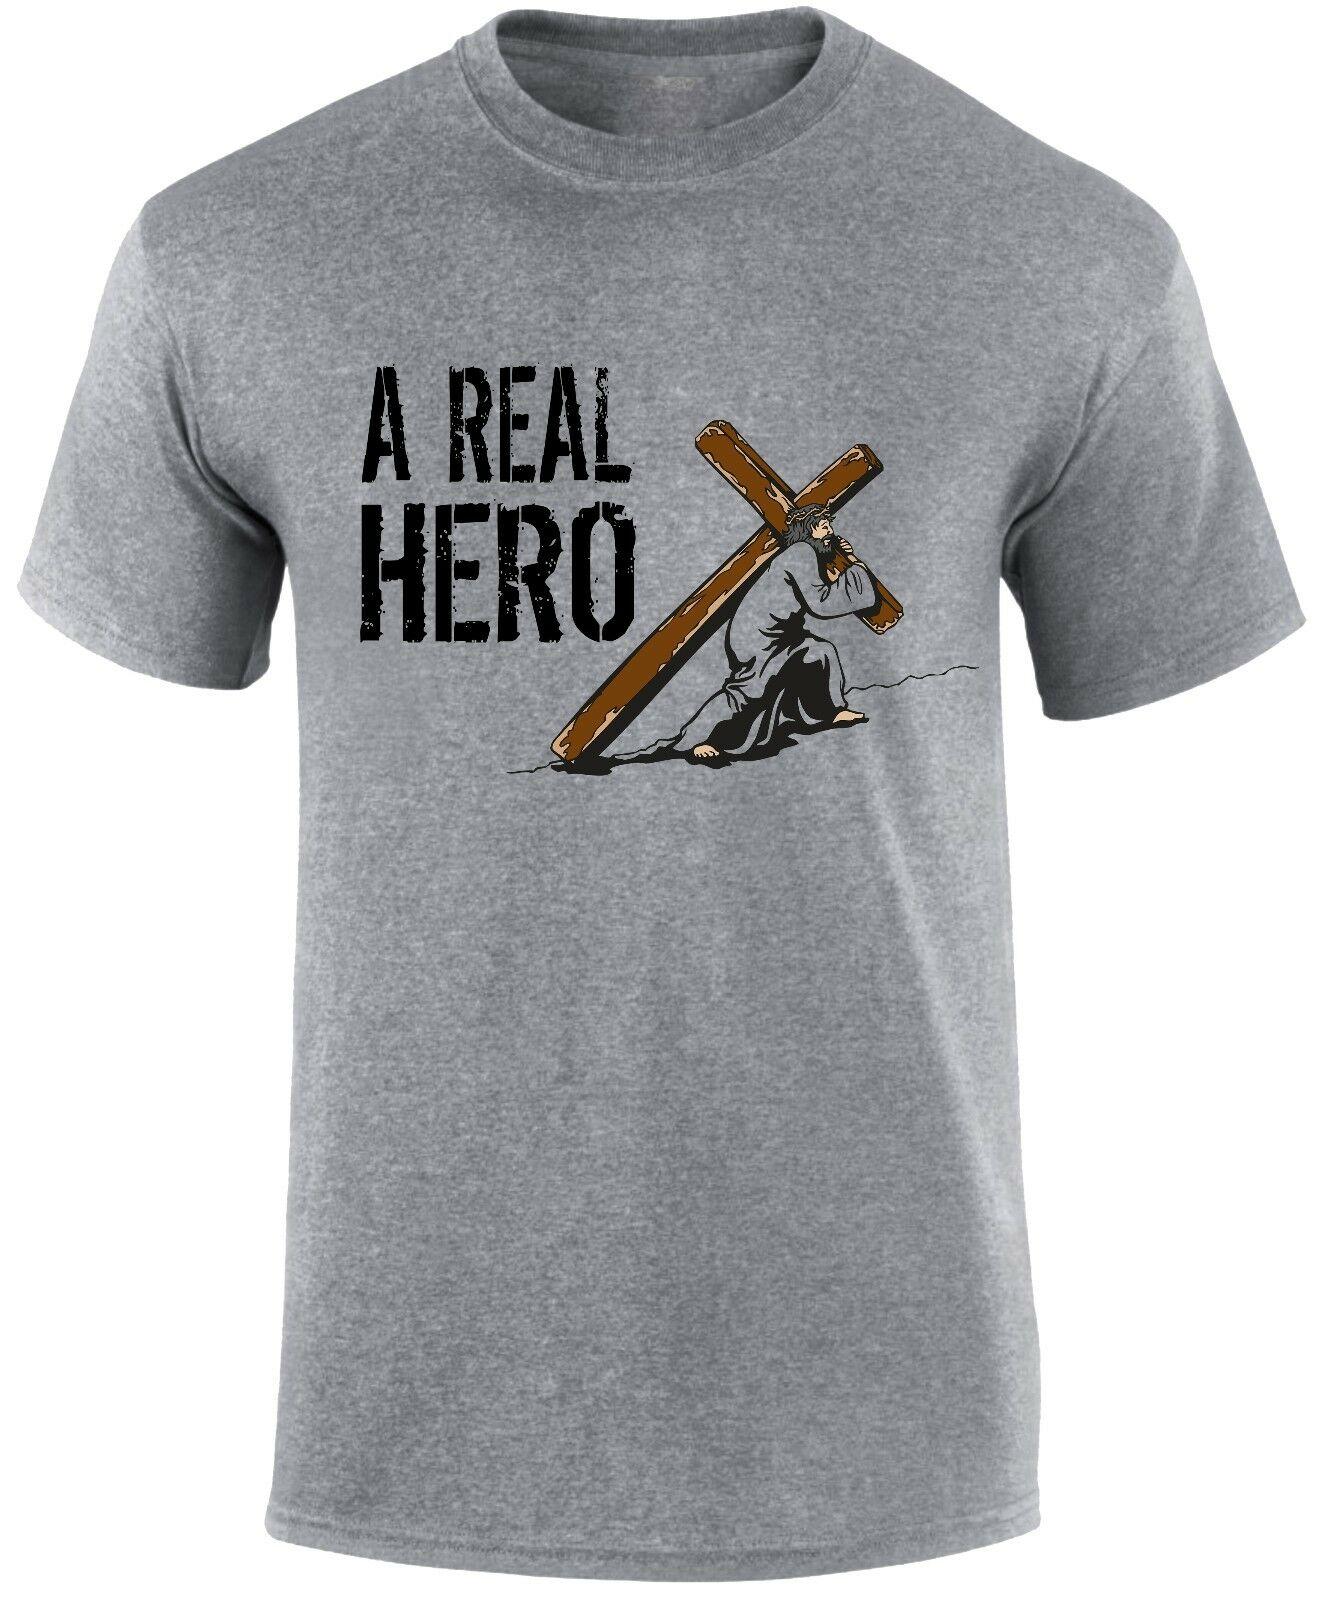 Футболка унисекс с надписью «Cool Real Hero Jesus Christ», «христианский слоган», «Евангелие», «Вера спасение», 2019